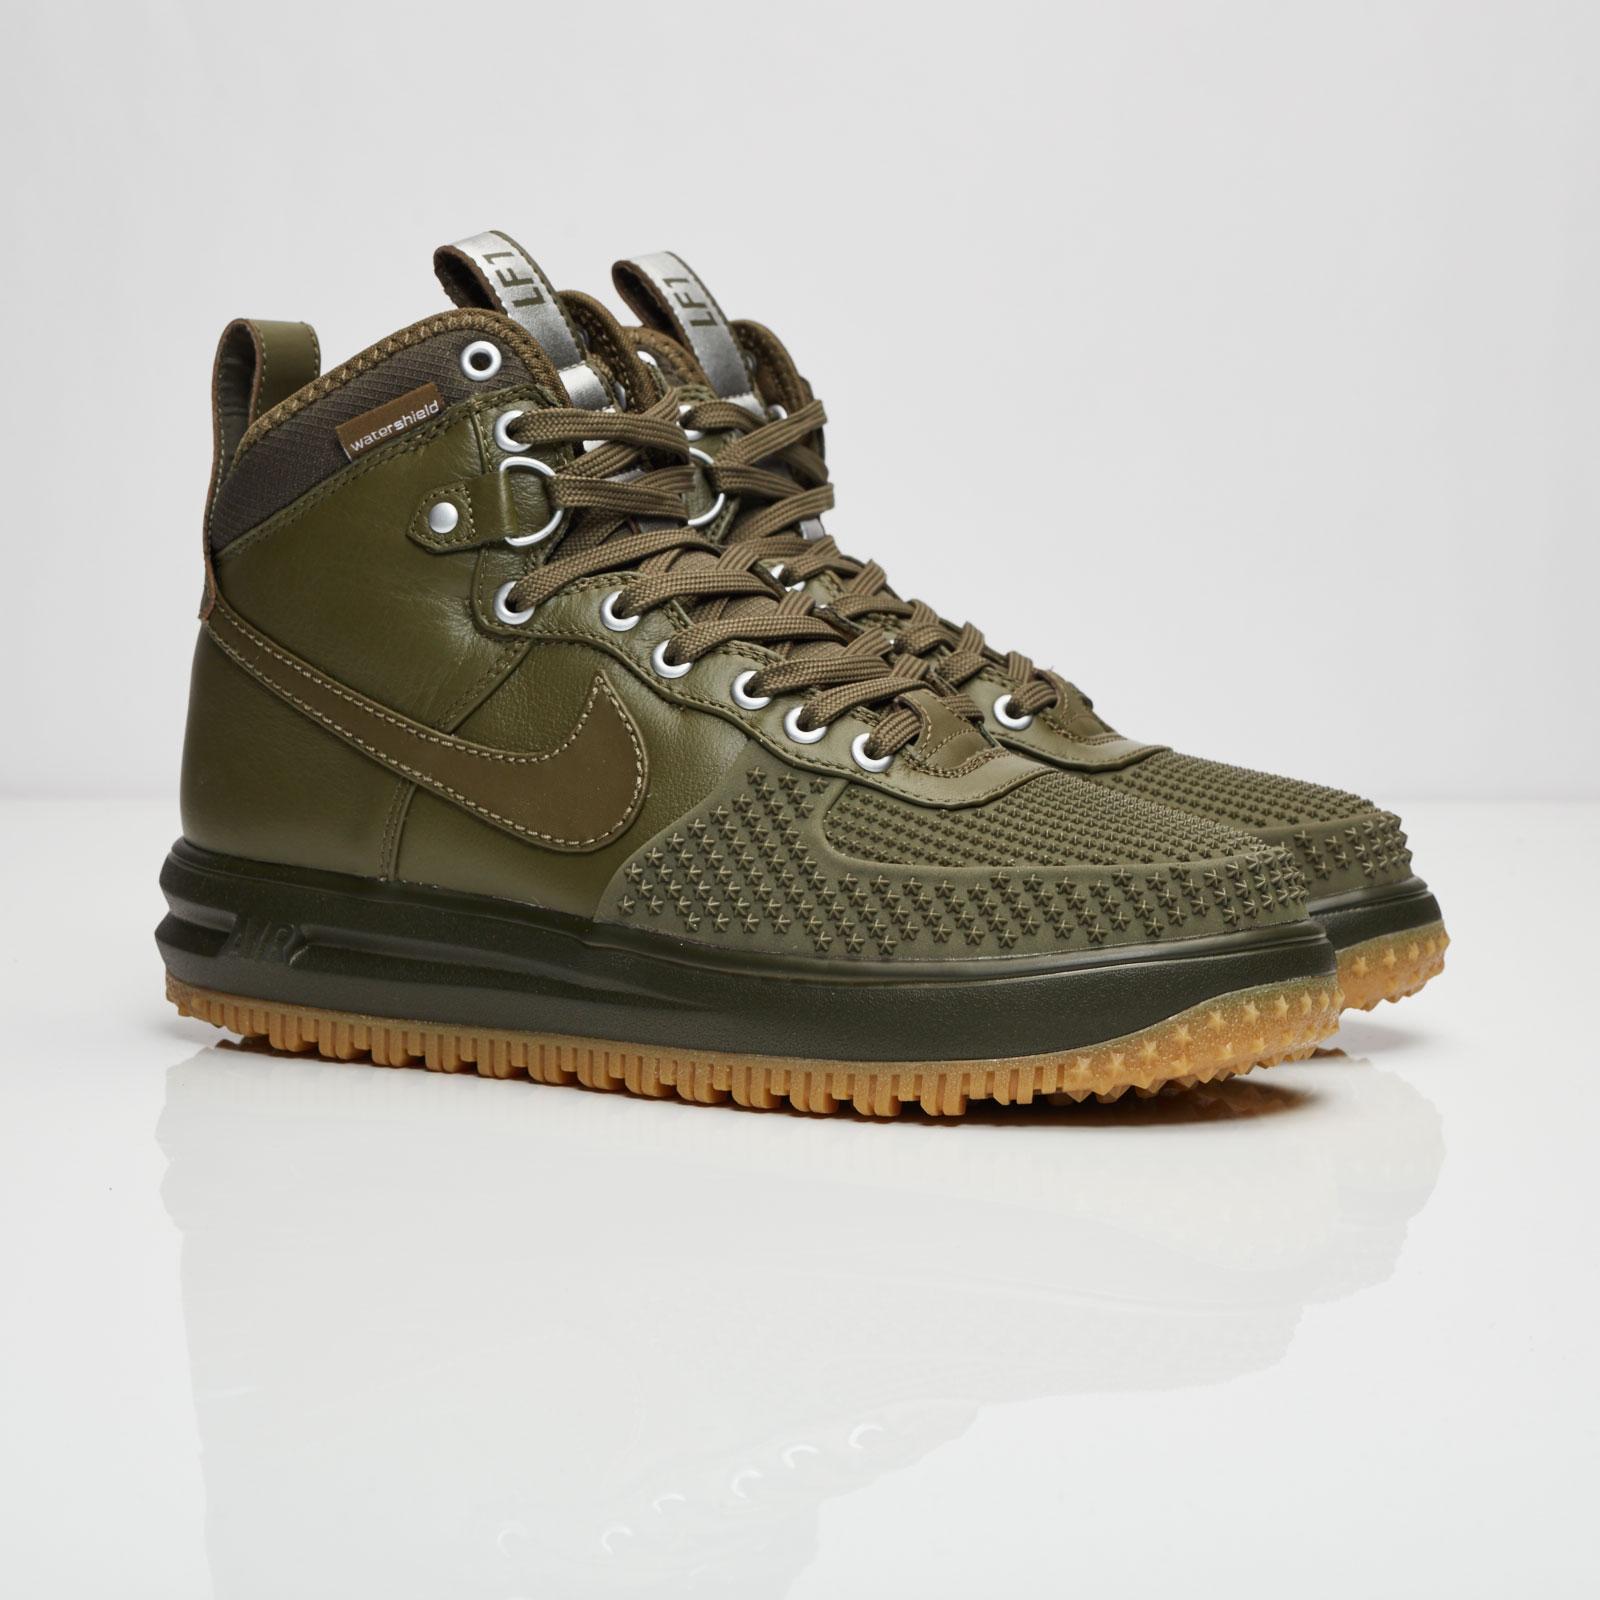 286244fe98f8 Nike Lunar Force 1 Duckboot - 805899-201 - Sneakersnstuff